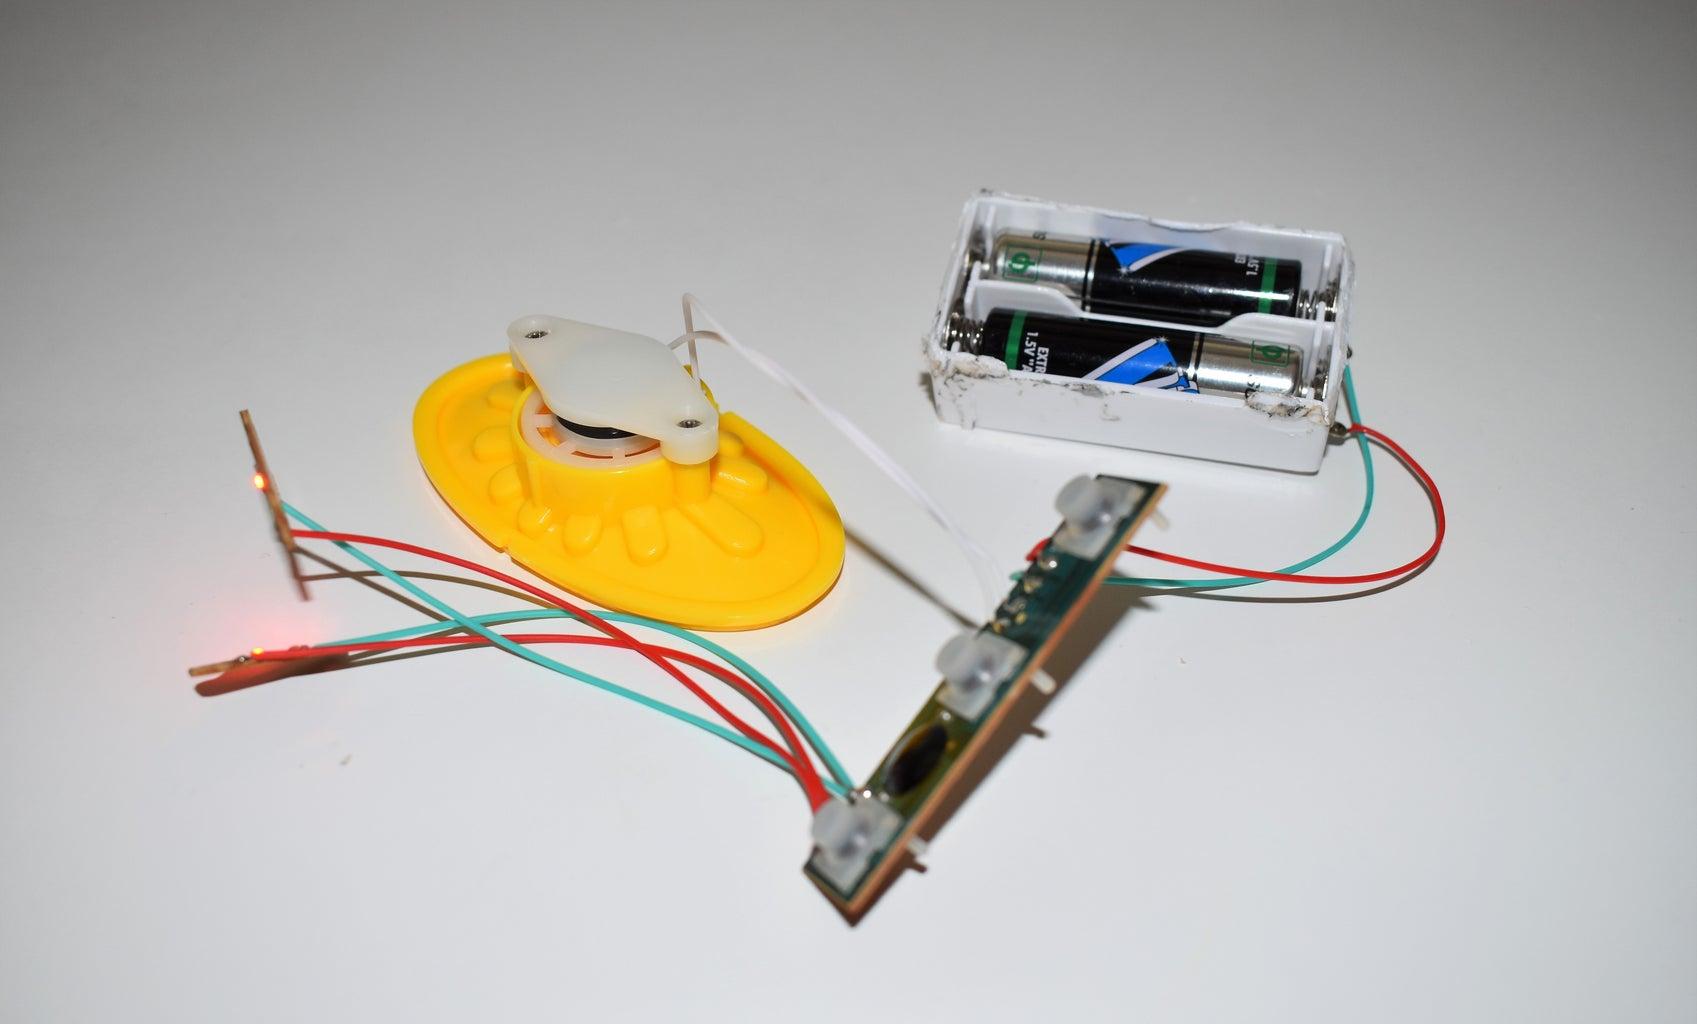 Extracting the Audio Mechanism